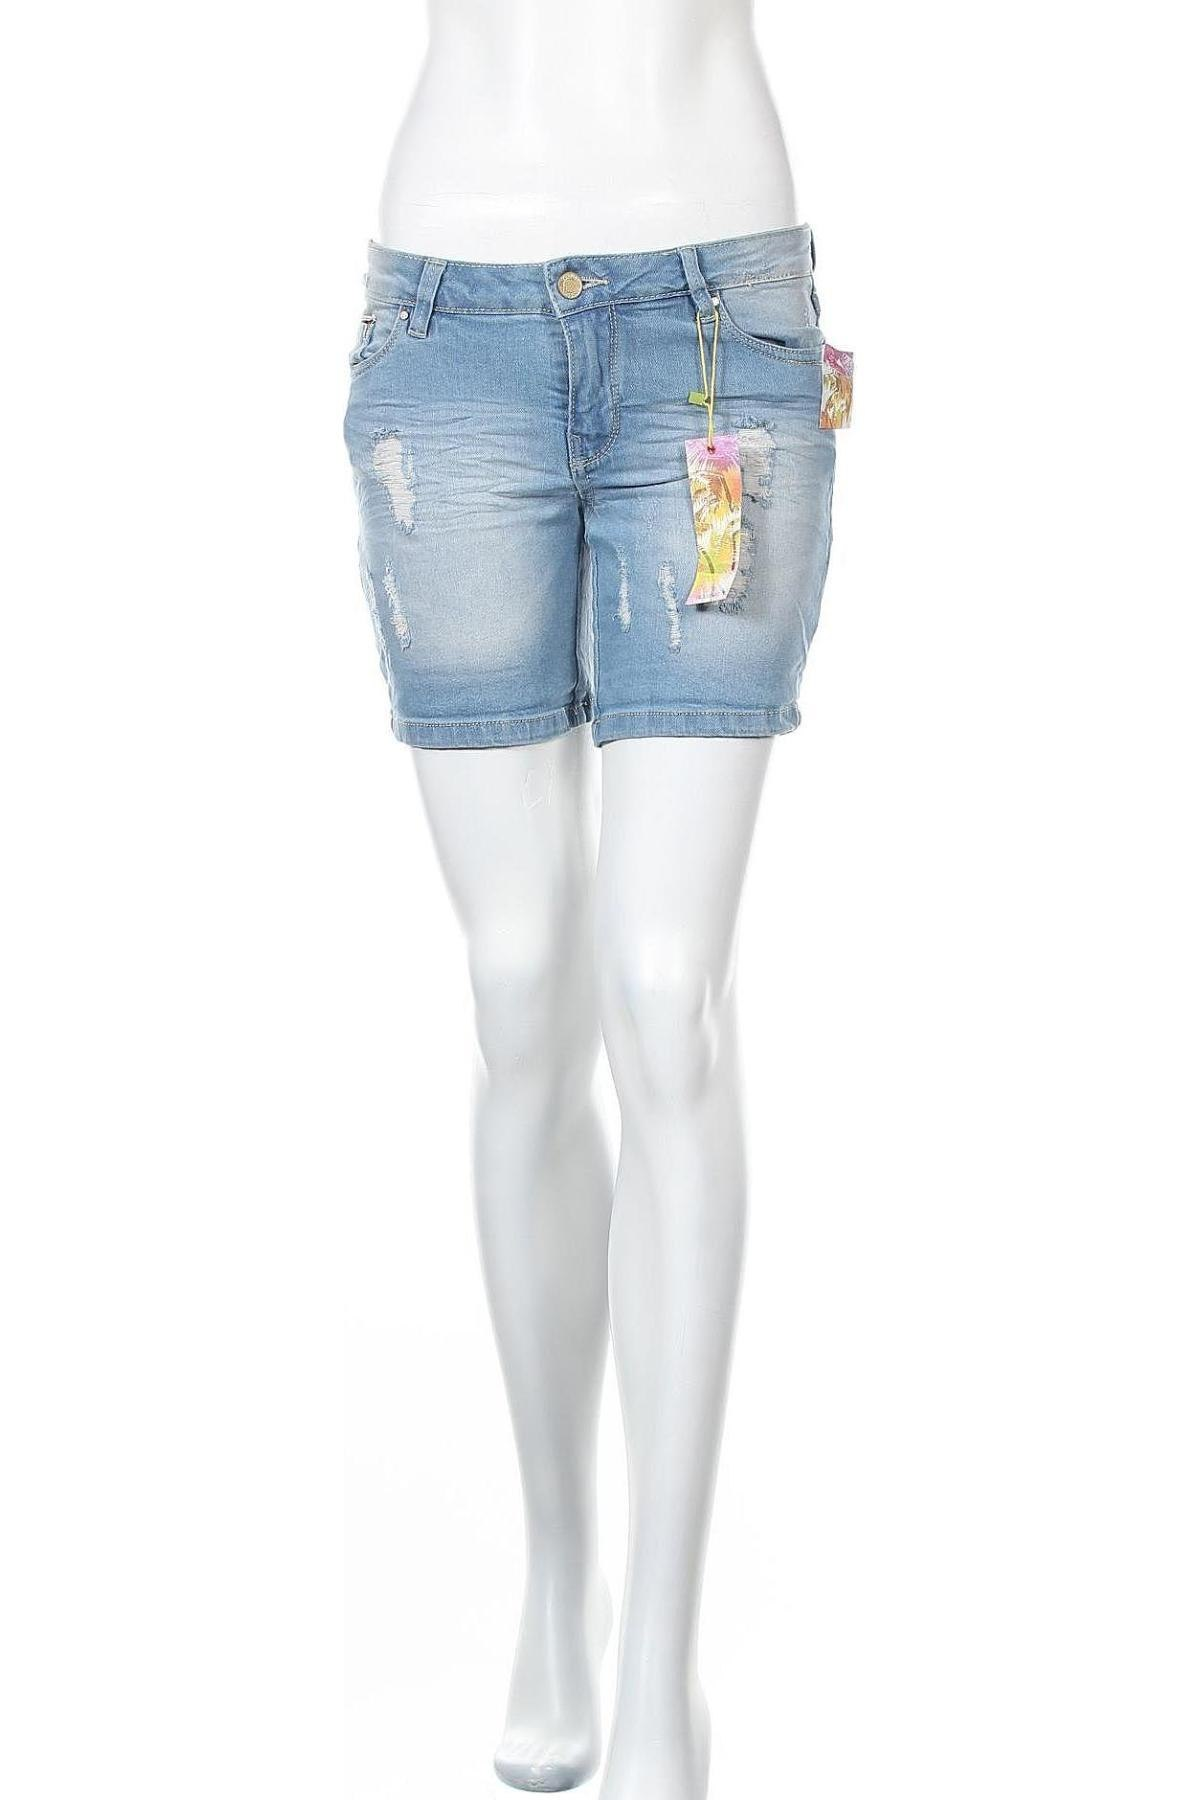 Γυναικείο κοντό παντελόνι Alcott, Μέγεθος XS, Χρώμα Μπλέ, 98% βαμβάκι, 2% ελαστάνη, Τιμή 14,69€